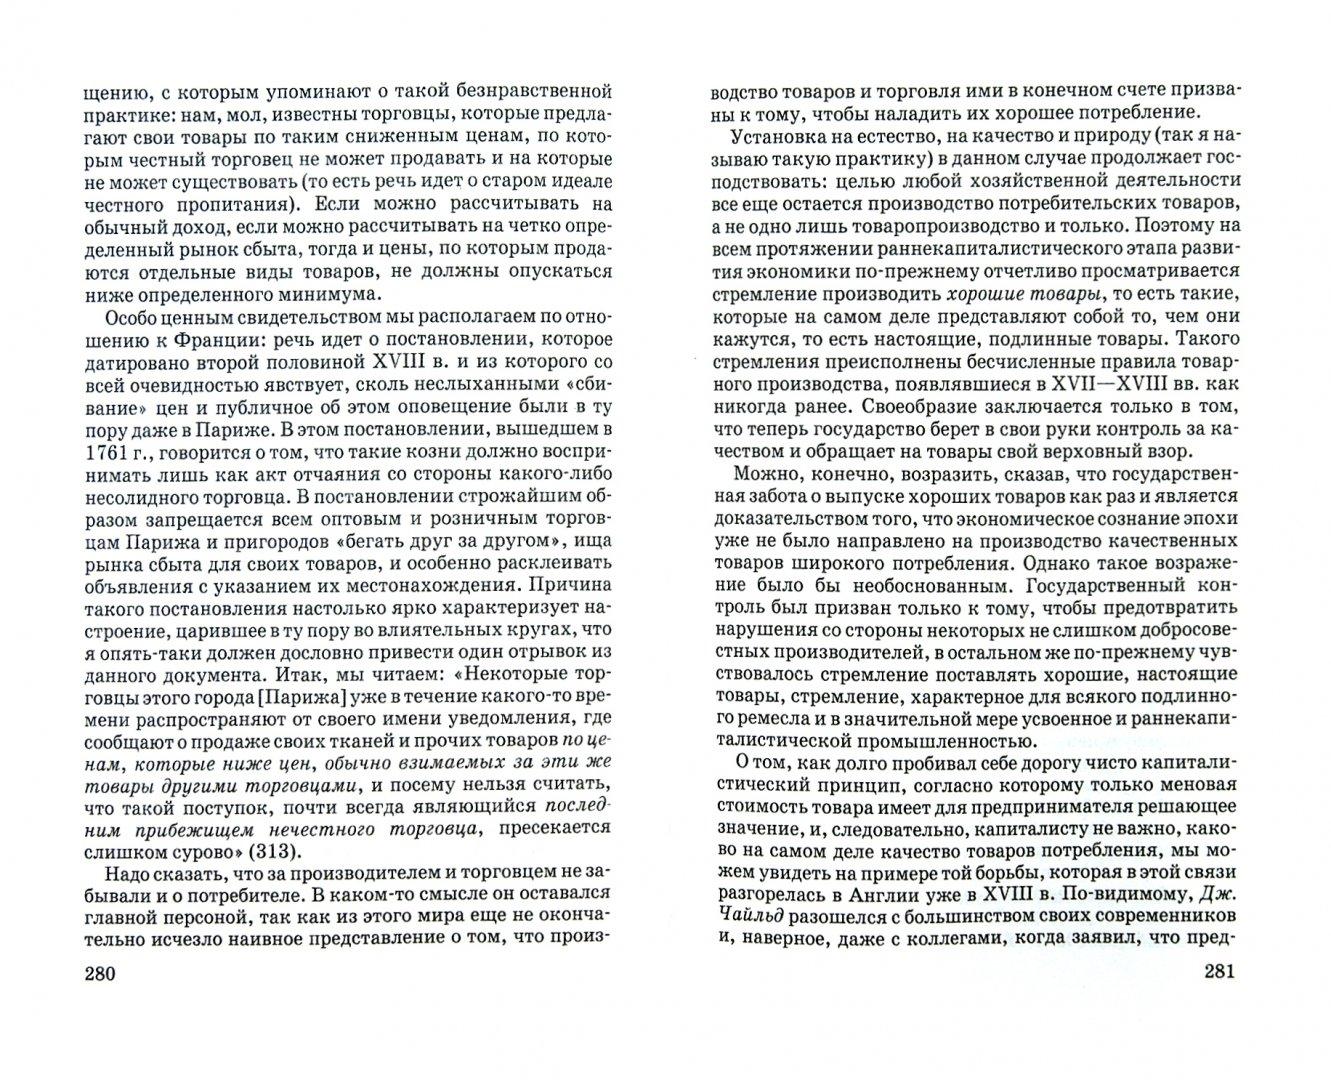 Иллюстрация 1 из 5 для Собрание сочинений в 3 томах. Том 2. Торгаши и герои. Евреи и экономика - Вернер Зомбарт | Лабиринт - книги. Источник: Лабиринт